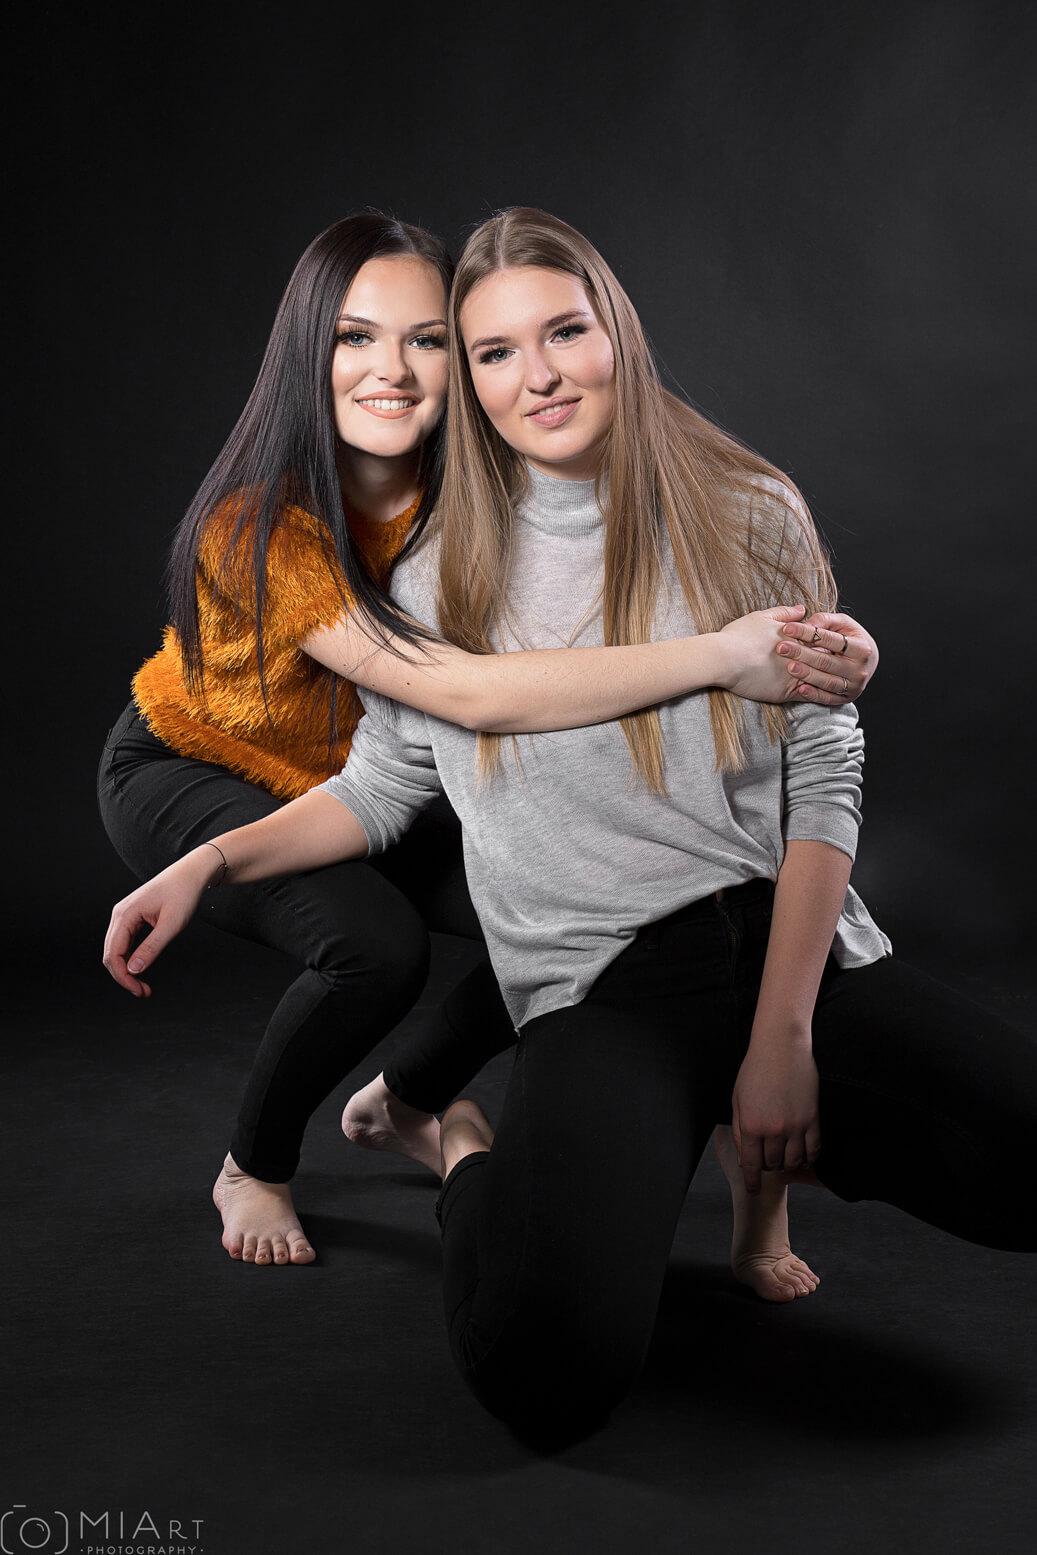 Carina & Vanessa